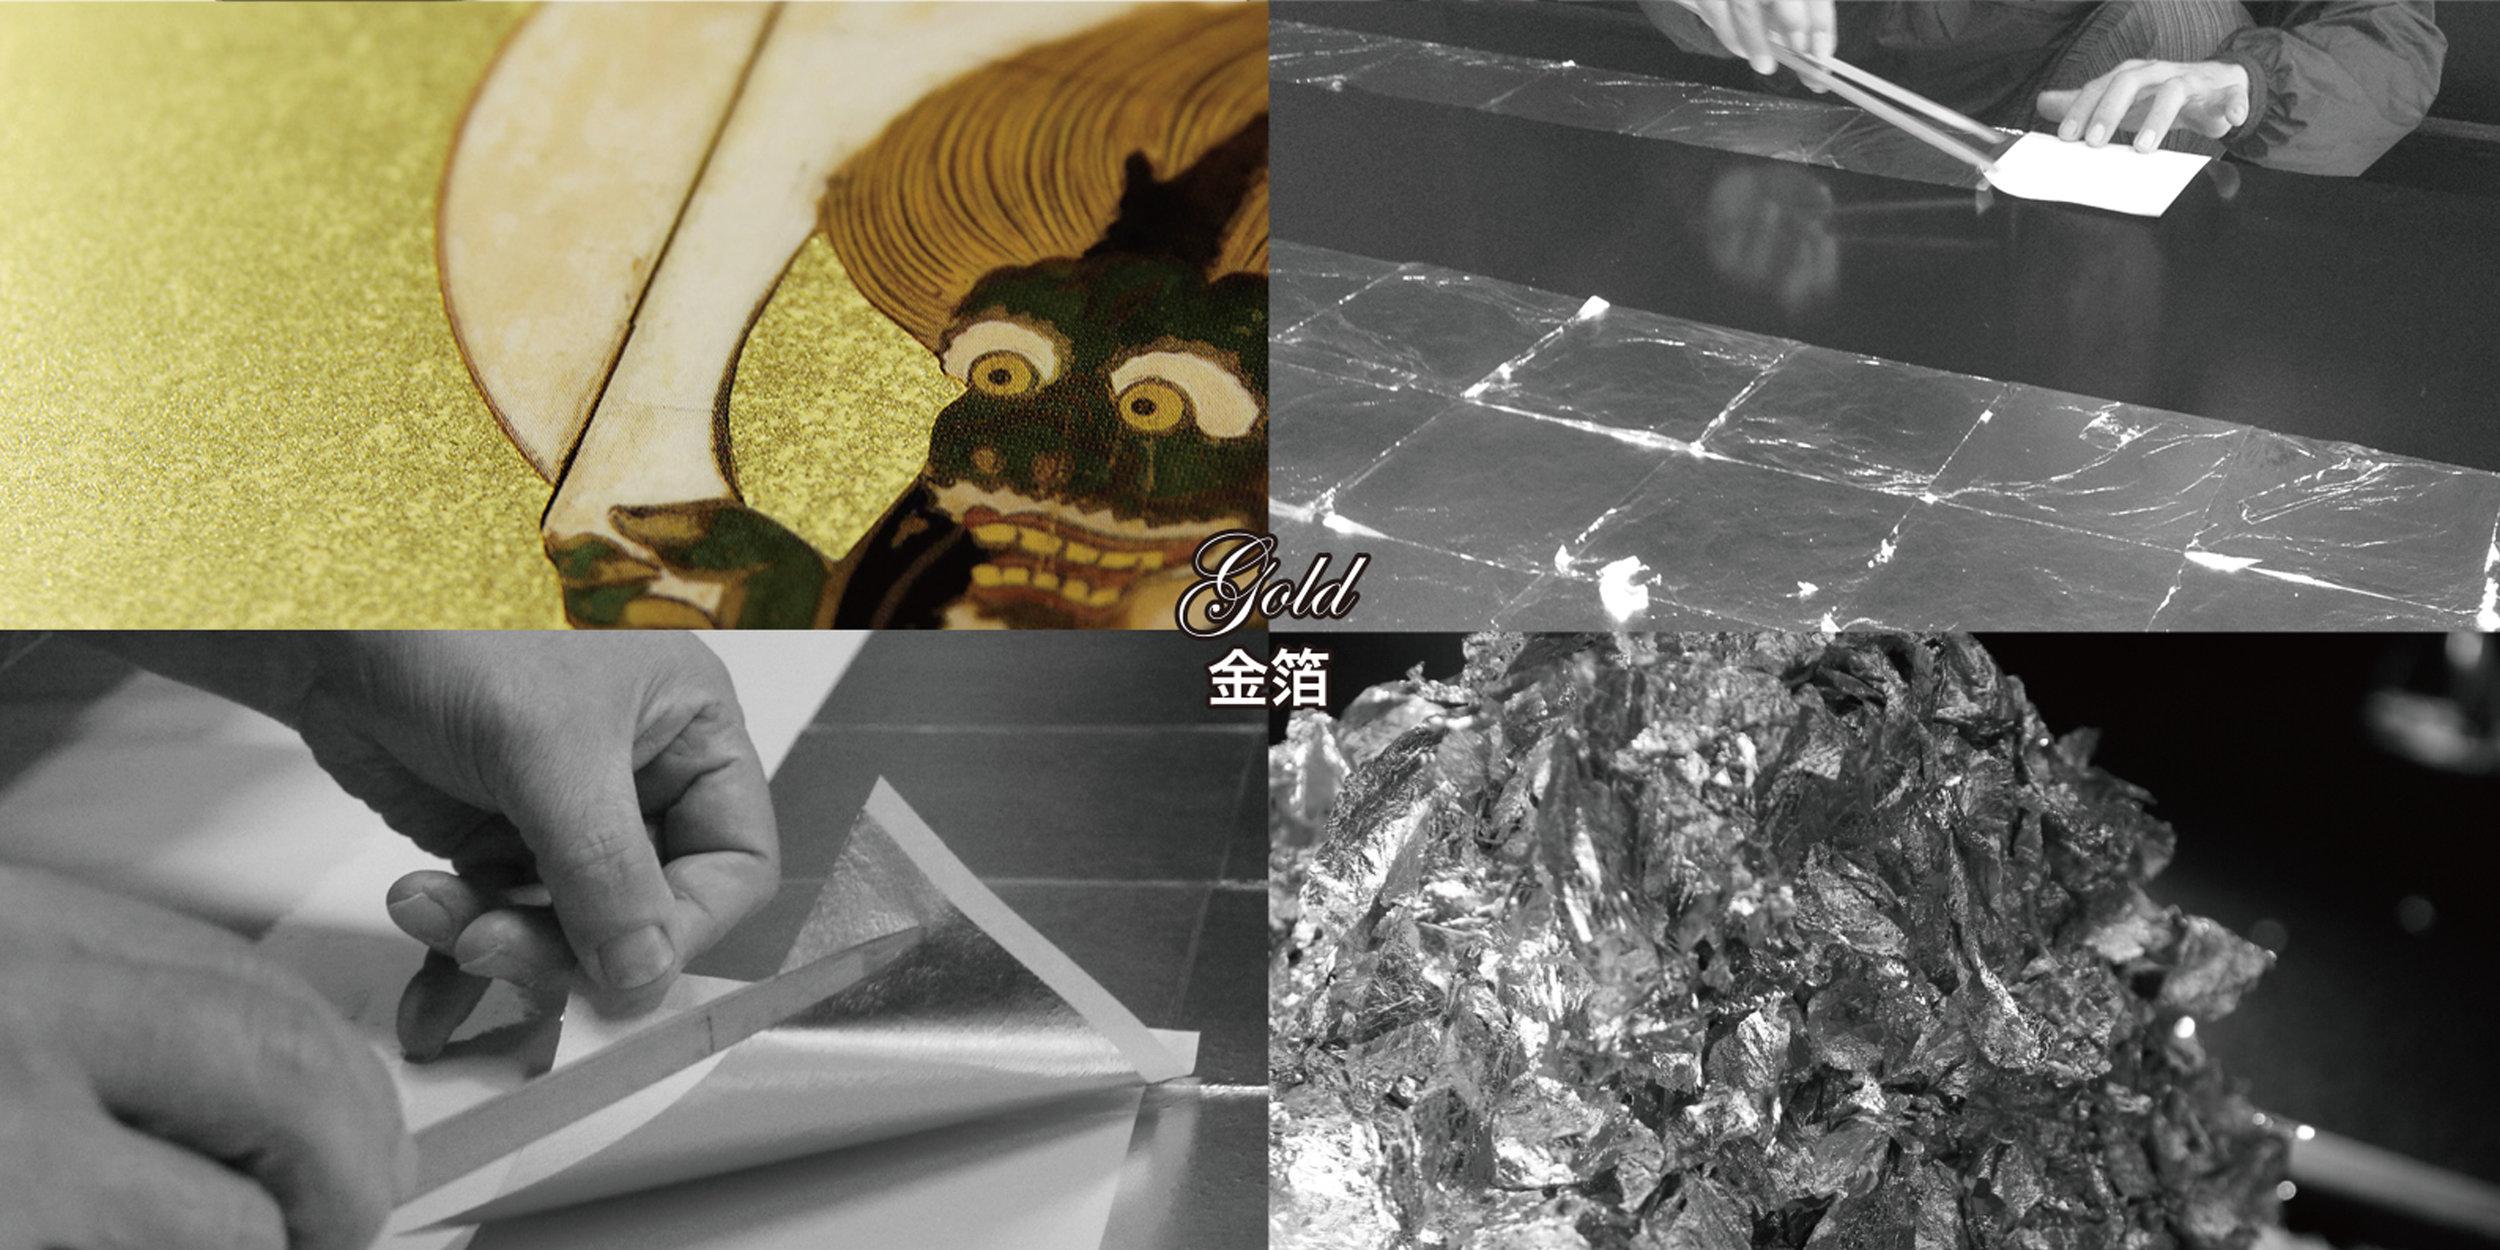 金 gold 金箔  kyoto 伝統工芸 京都 ヴィンテージハウス 建築 vintagehouse 内装 デザイナー